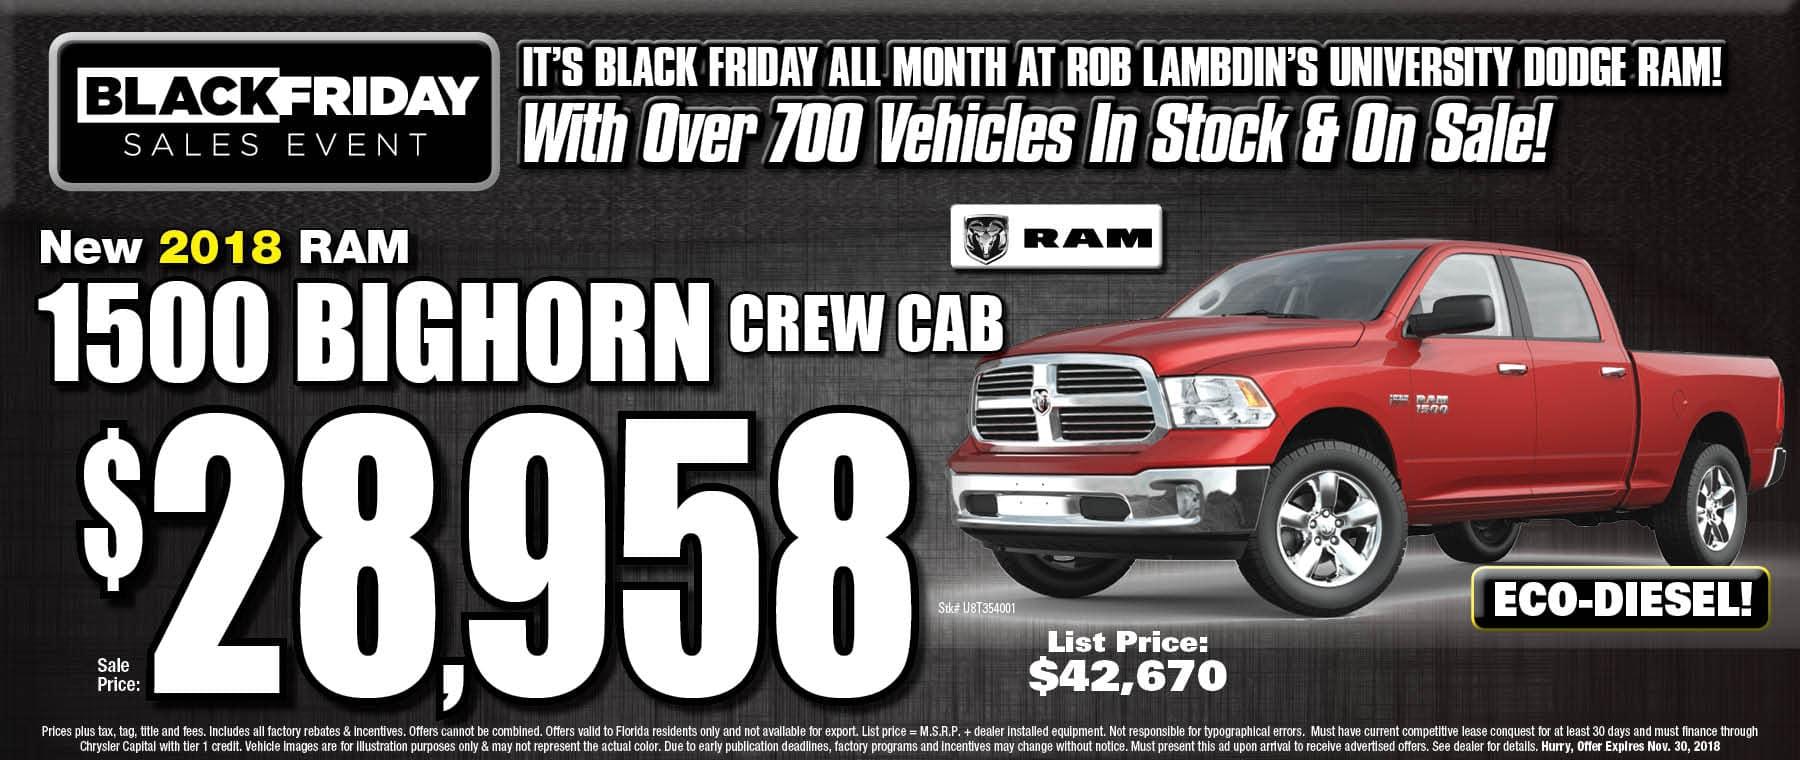 Ram 1500 $28958